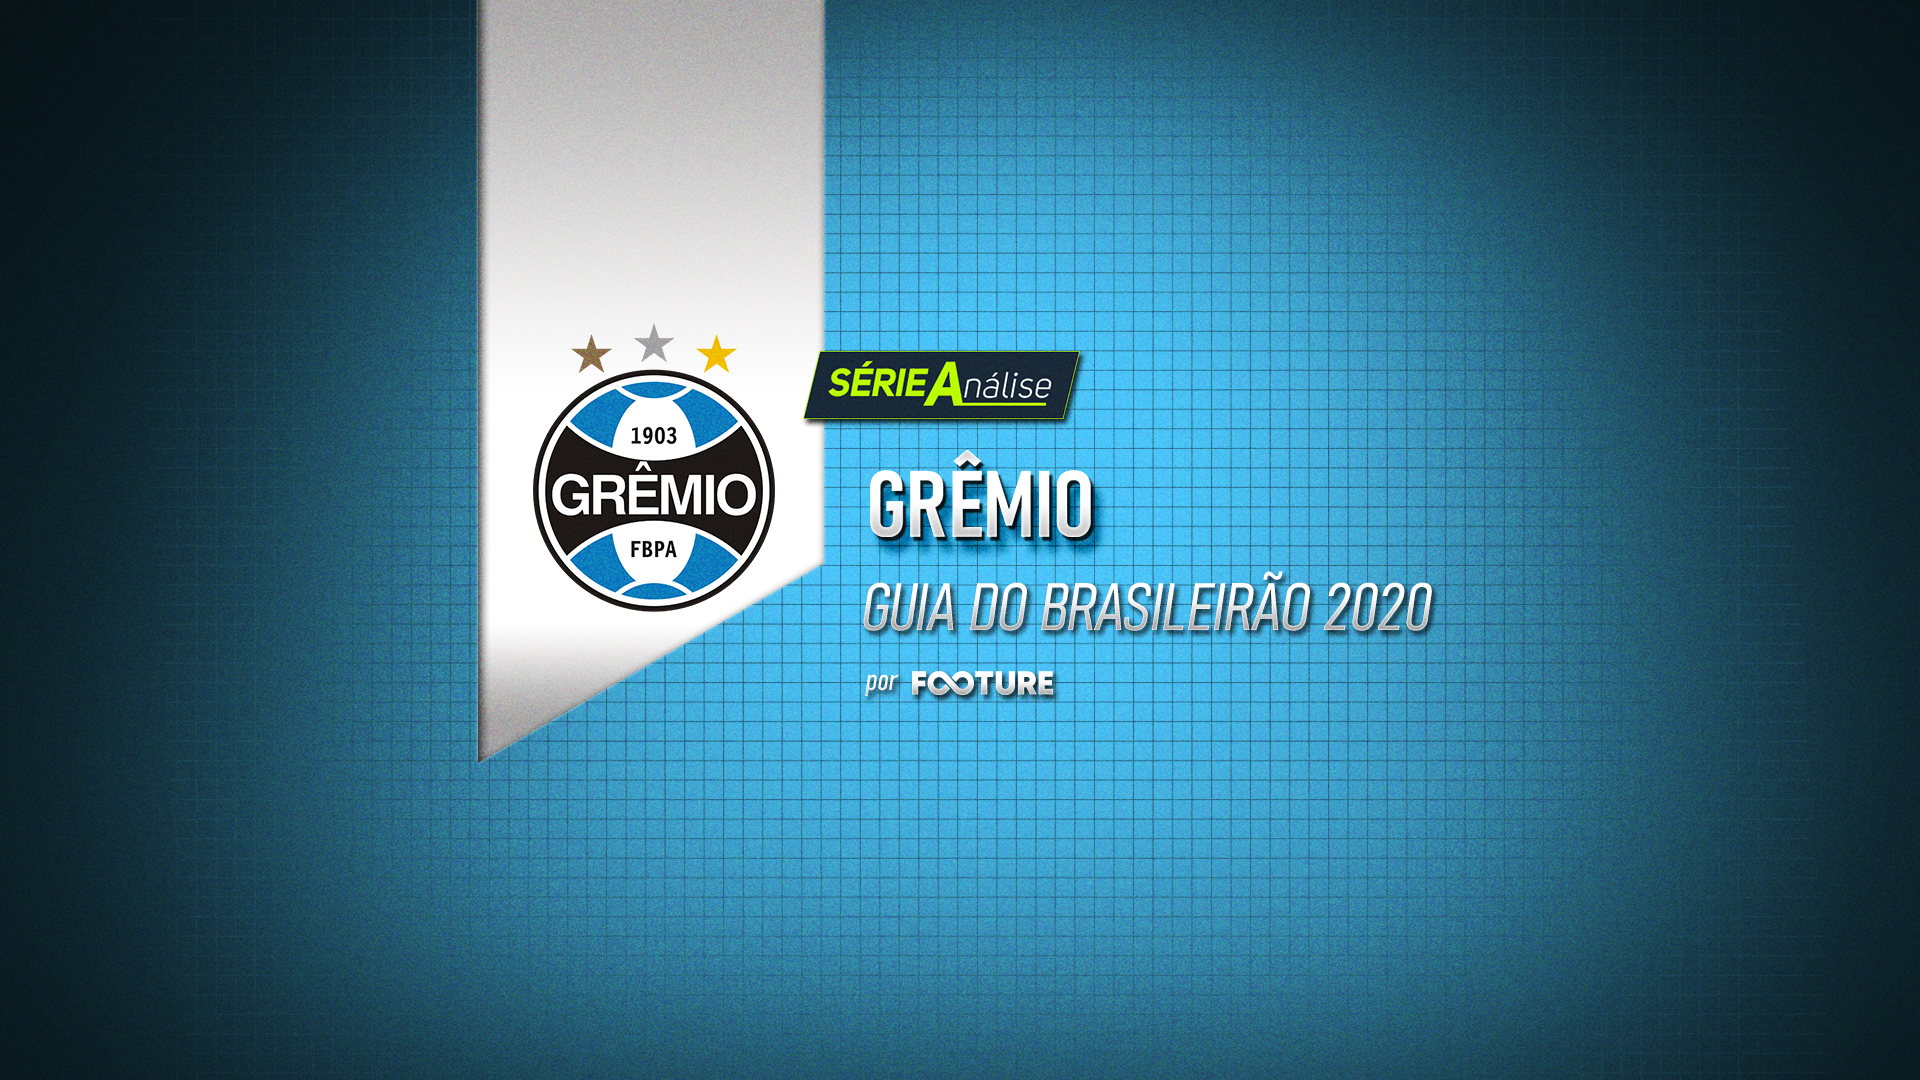 Guia do Brasileirão 2020 – Grêmio